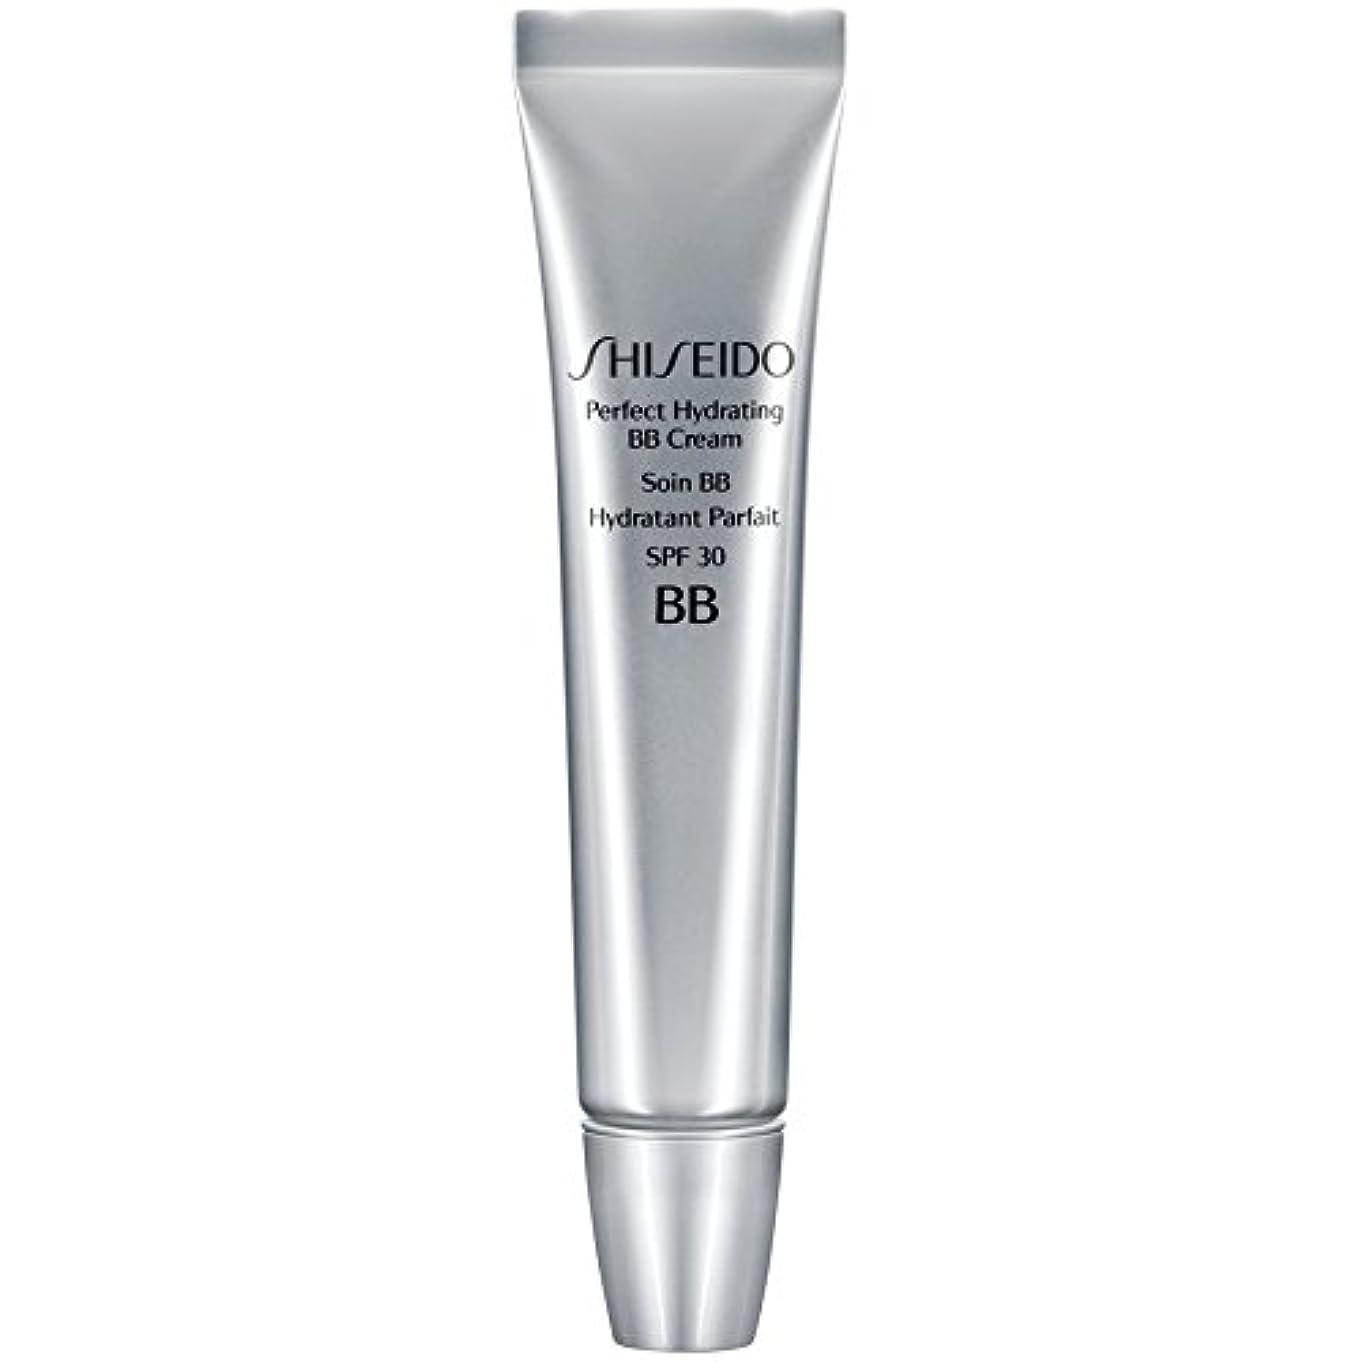 マンモスポルノ課税[Shiseido ] 資生堂完璧な水和BbクリームSpf 30 30ミリリットル媒体 - Shiseido Perfect Hydrating BB Cream SPF 30 30ml Medium [並行輸入品]